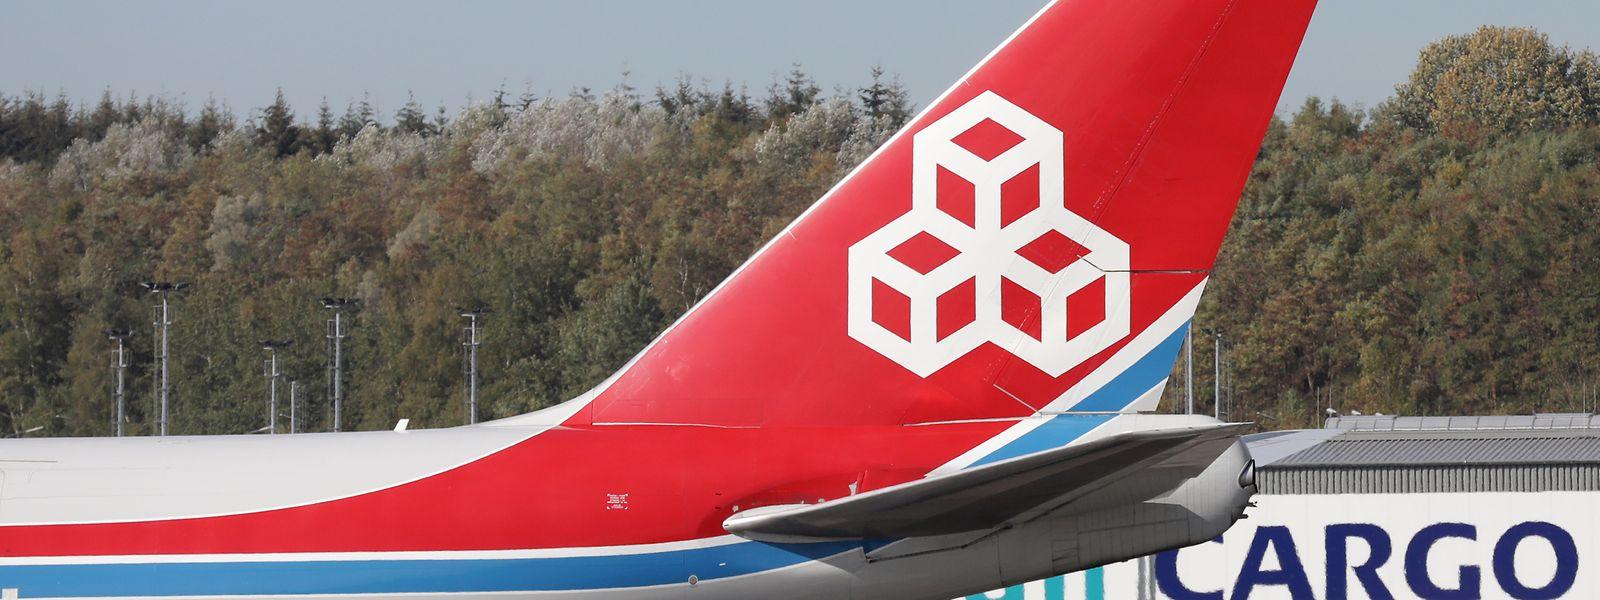 Après Pékin, Shanghai, Zhengzhou et Xiamen, Cargolux pourrait desservir une cinquième ville chinoise: Chengdu.